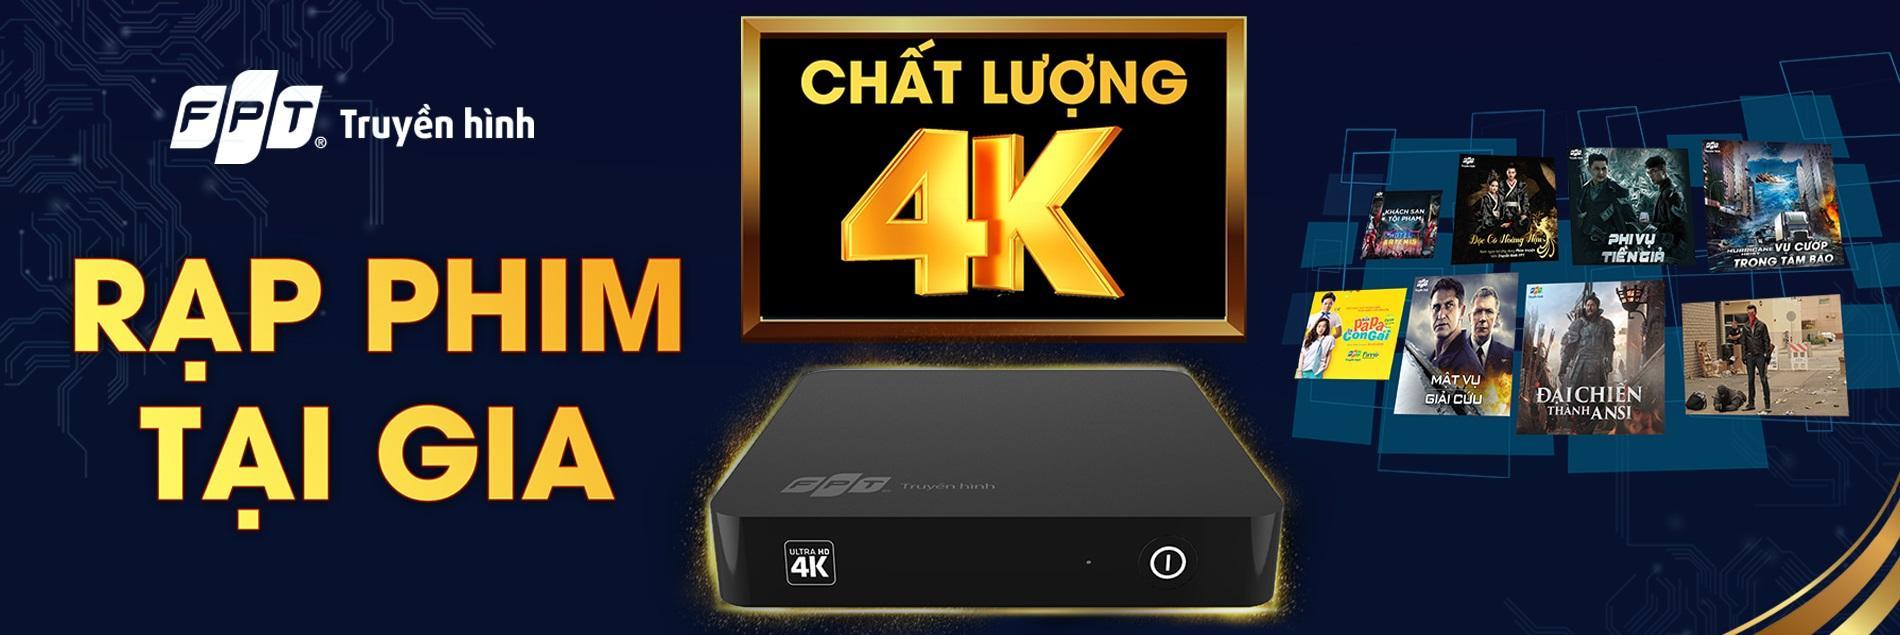 truyền hình fpt 4k